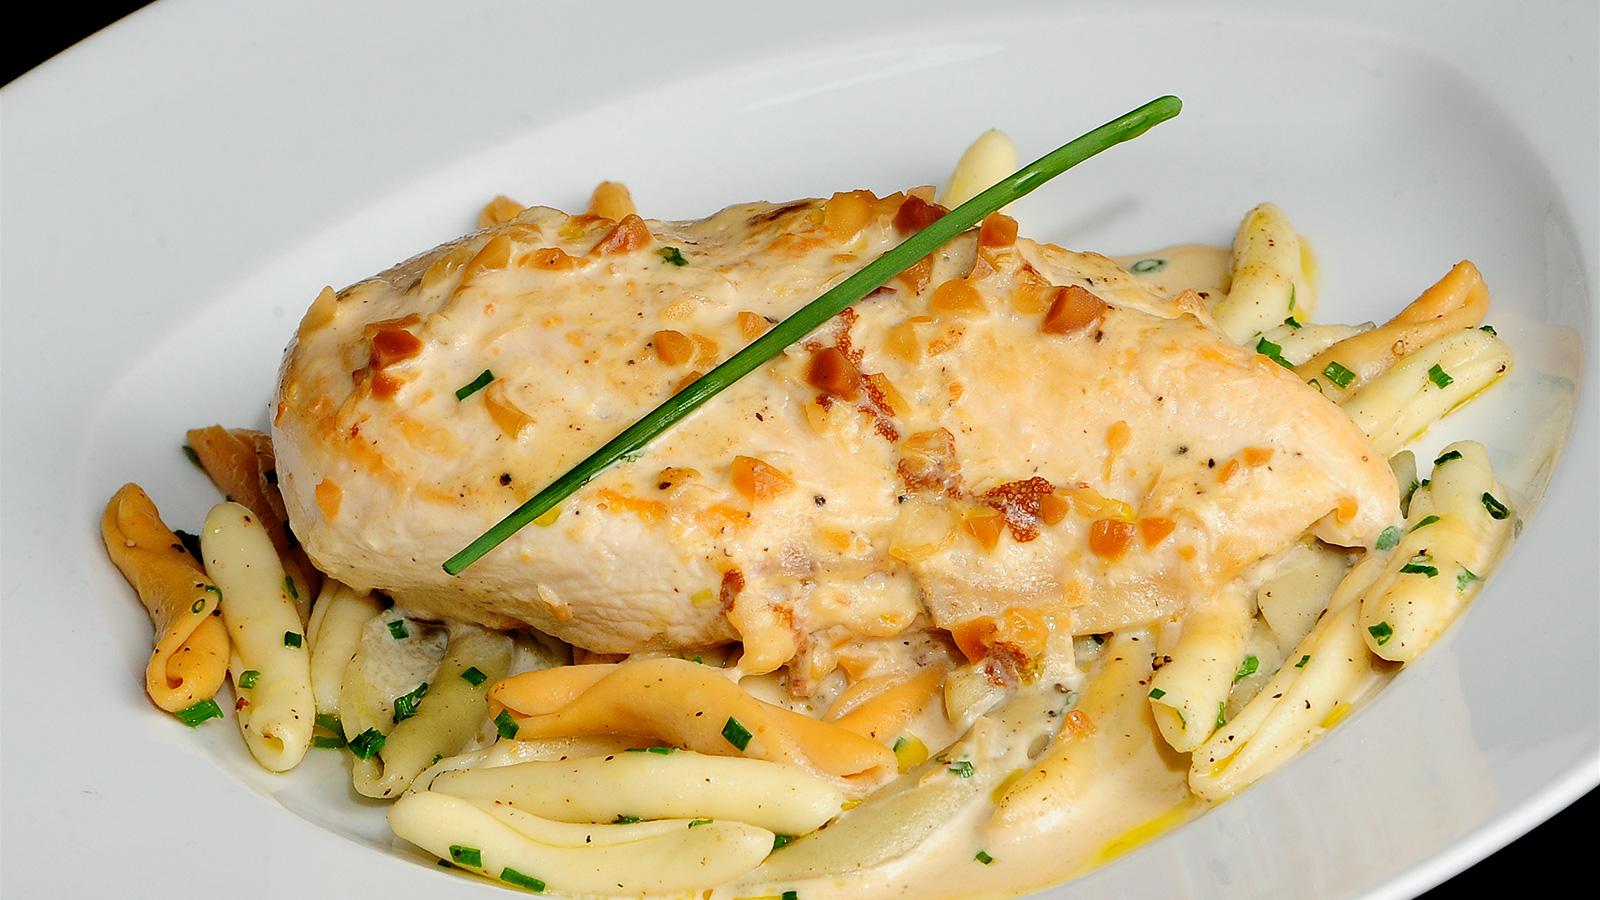 Pollo con almendras sergio fern ndez receta canal cocina for Canal cocina sergio fernandez